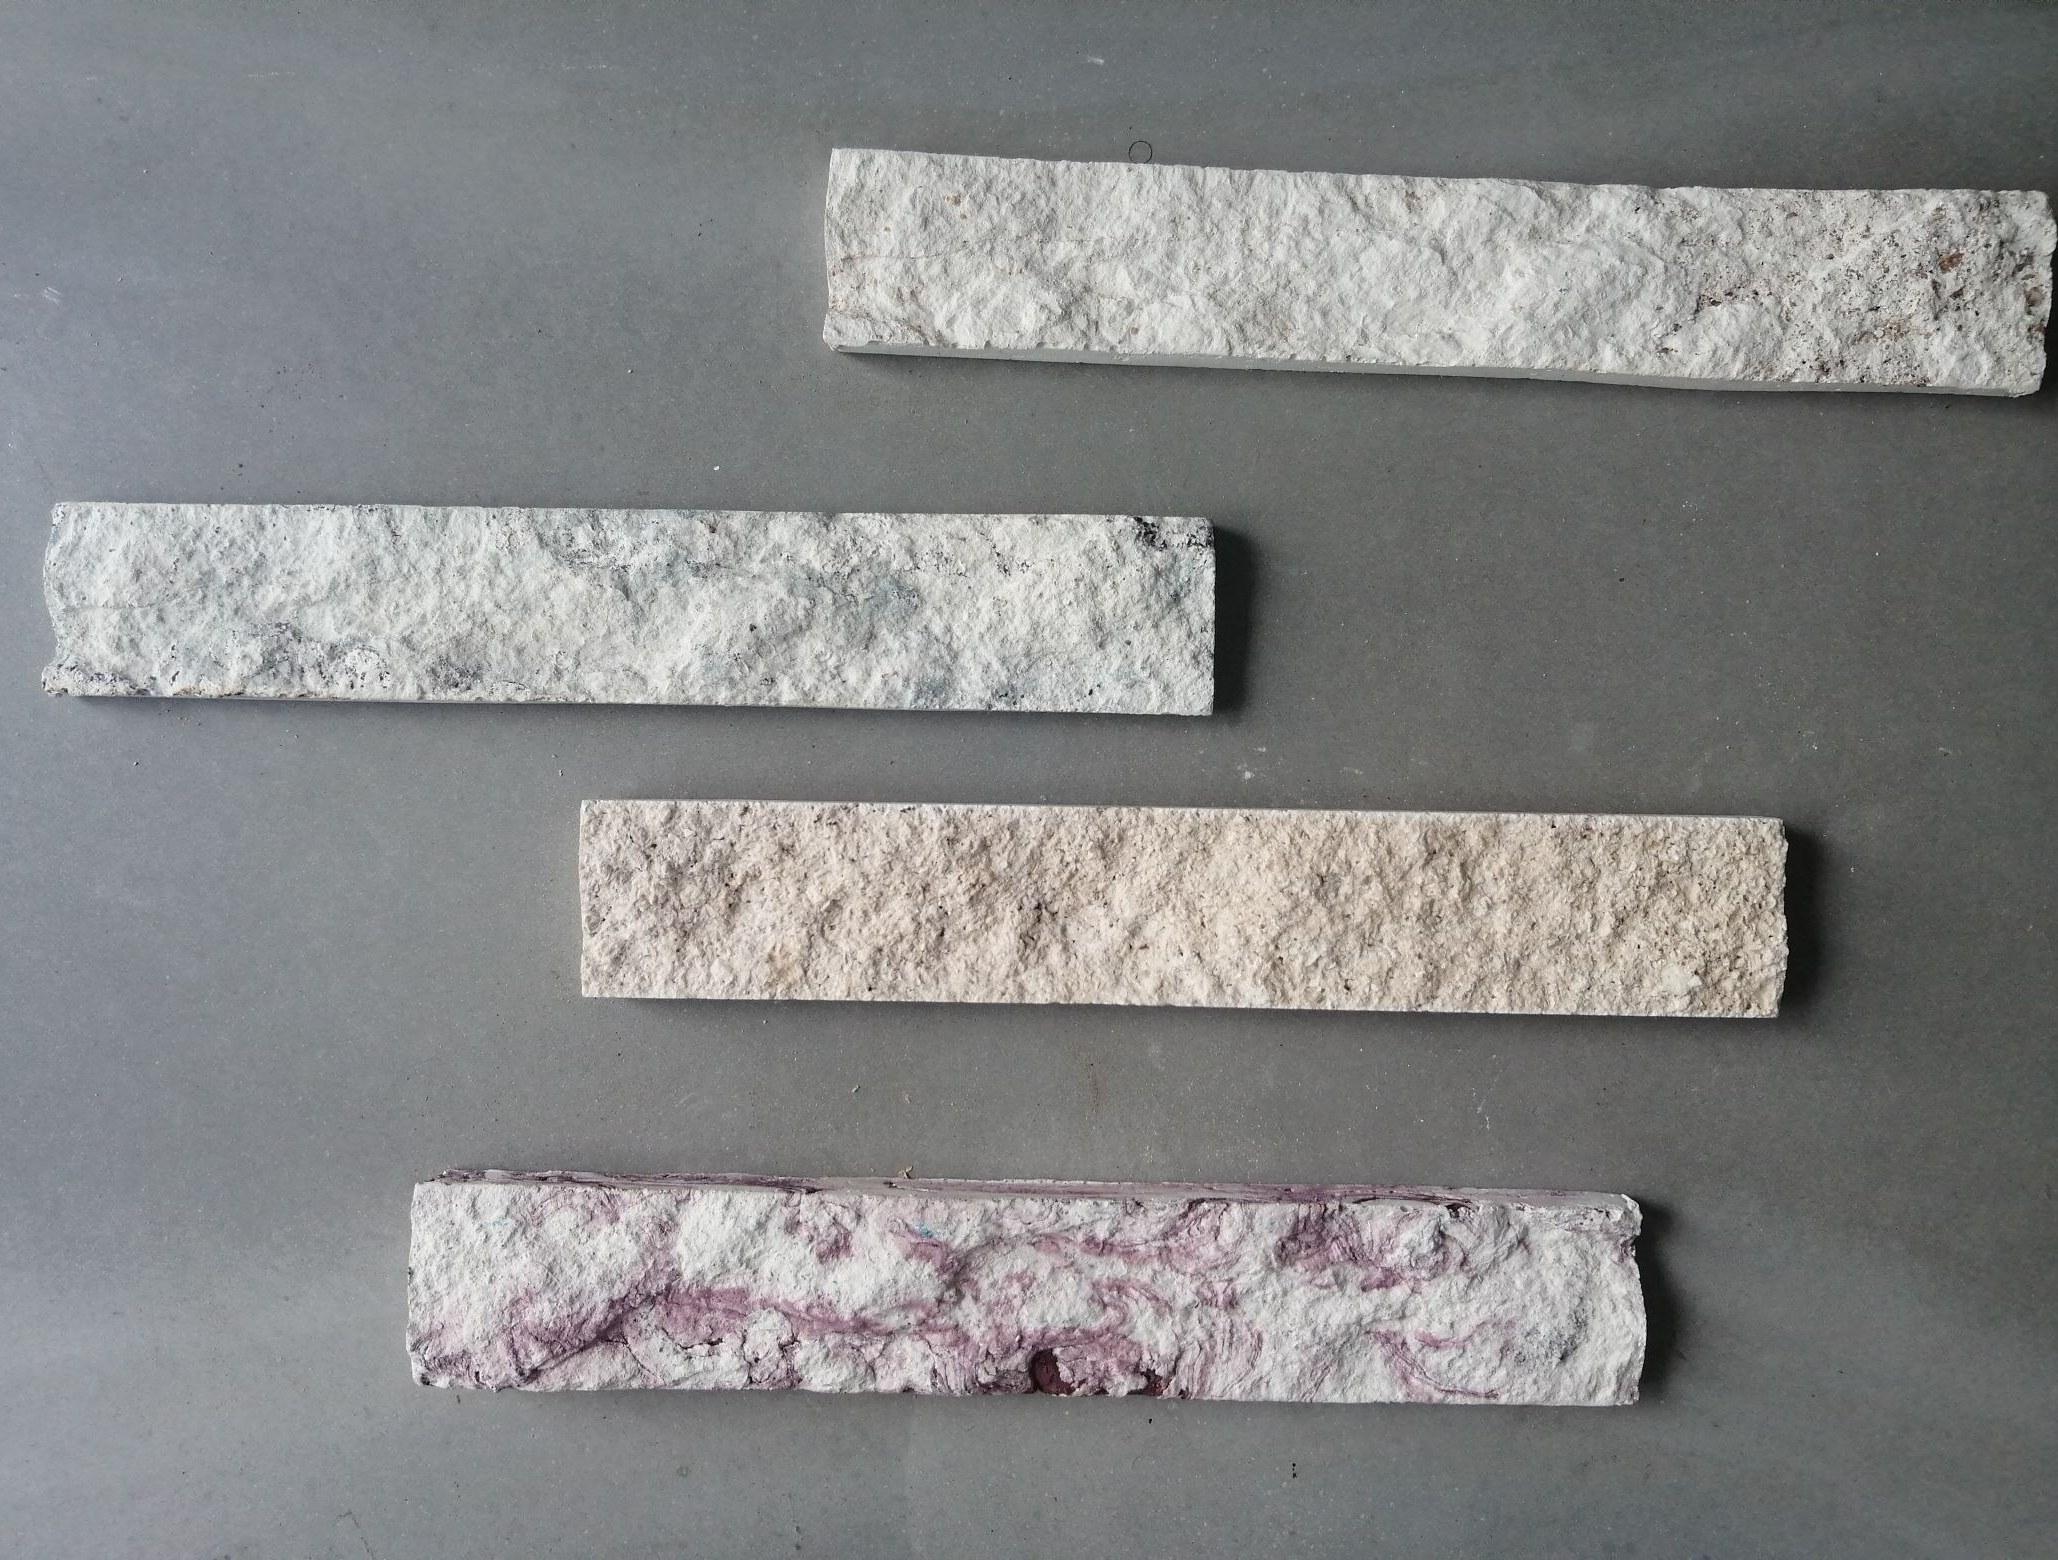 تصویر سنگ مصنوعی طرح سنگ آنتیک